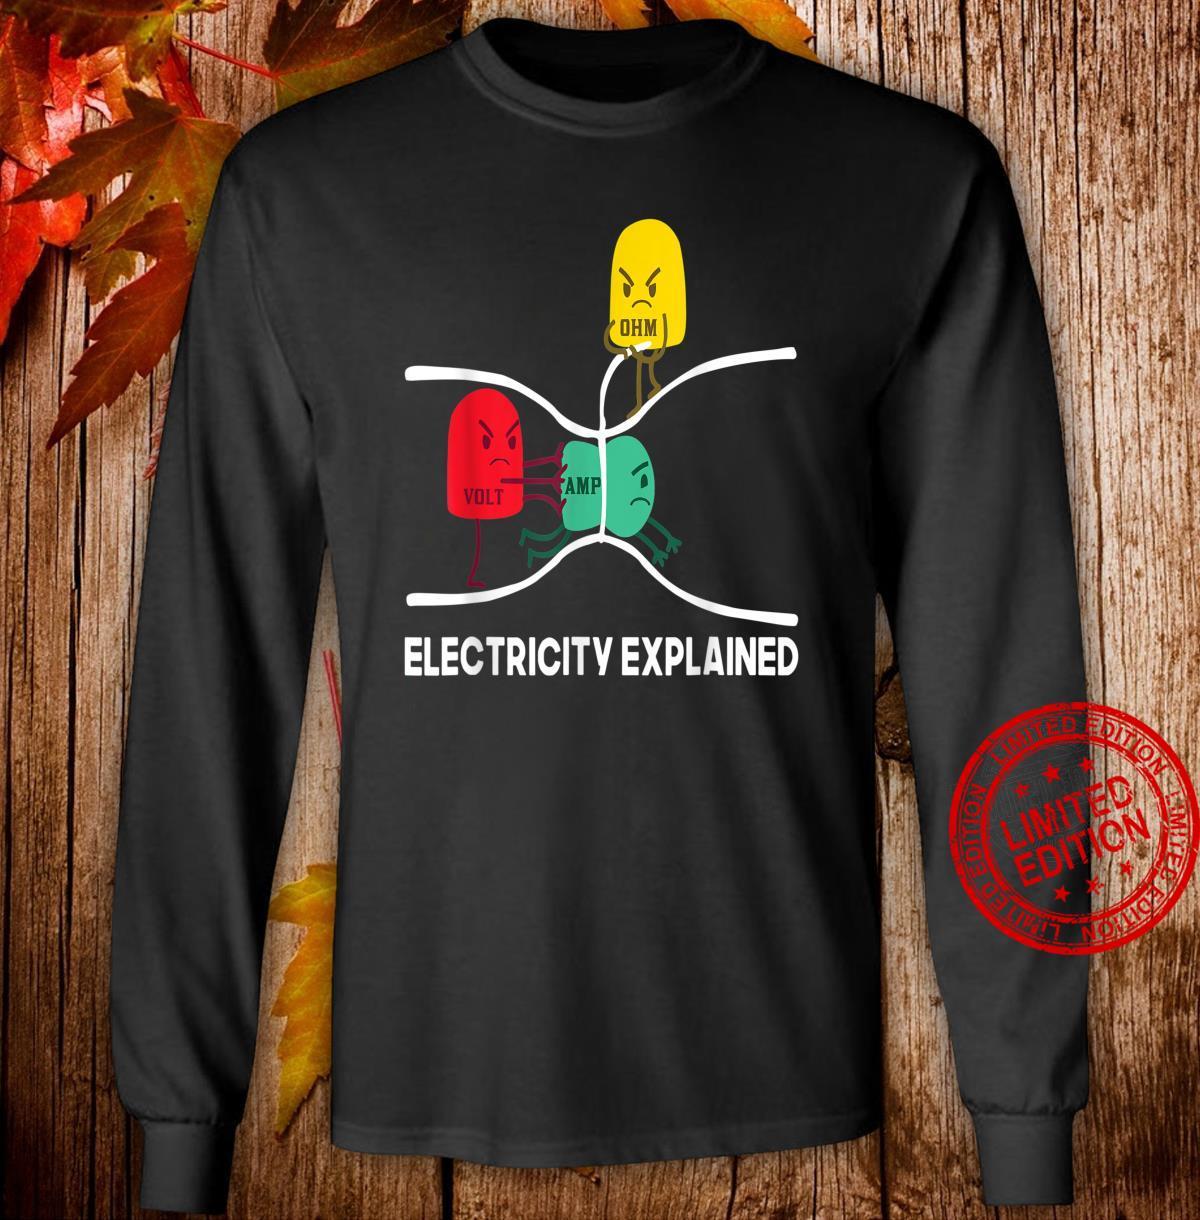 Herren Lustiges Elektriker Geschenk Volt Ohm Elektrizitat Erklart Shirt